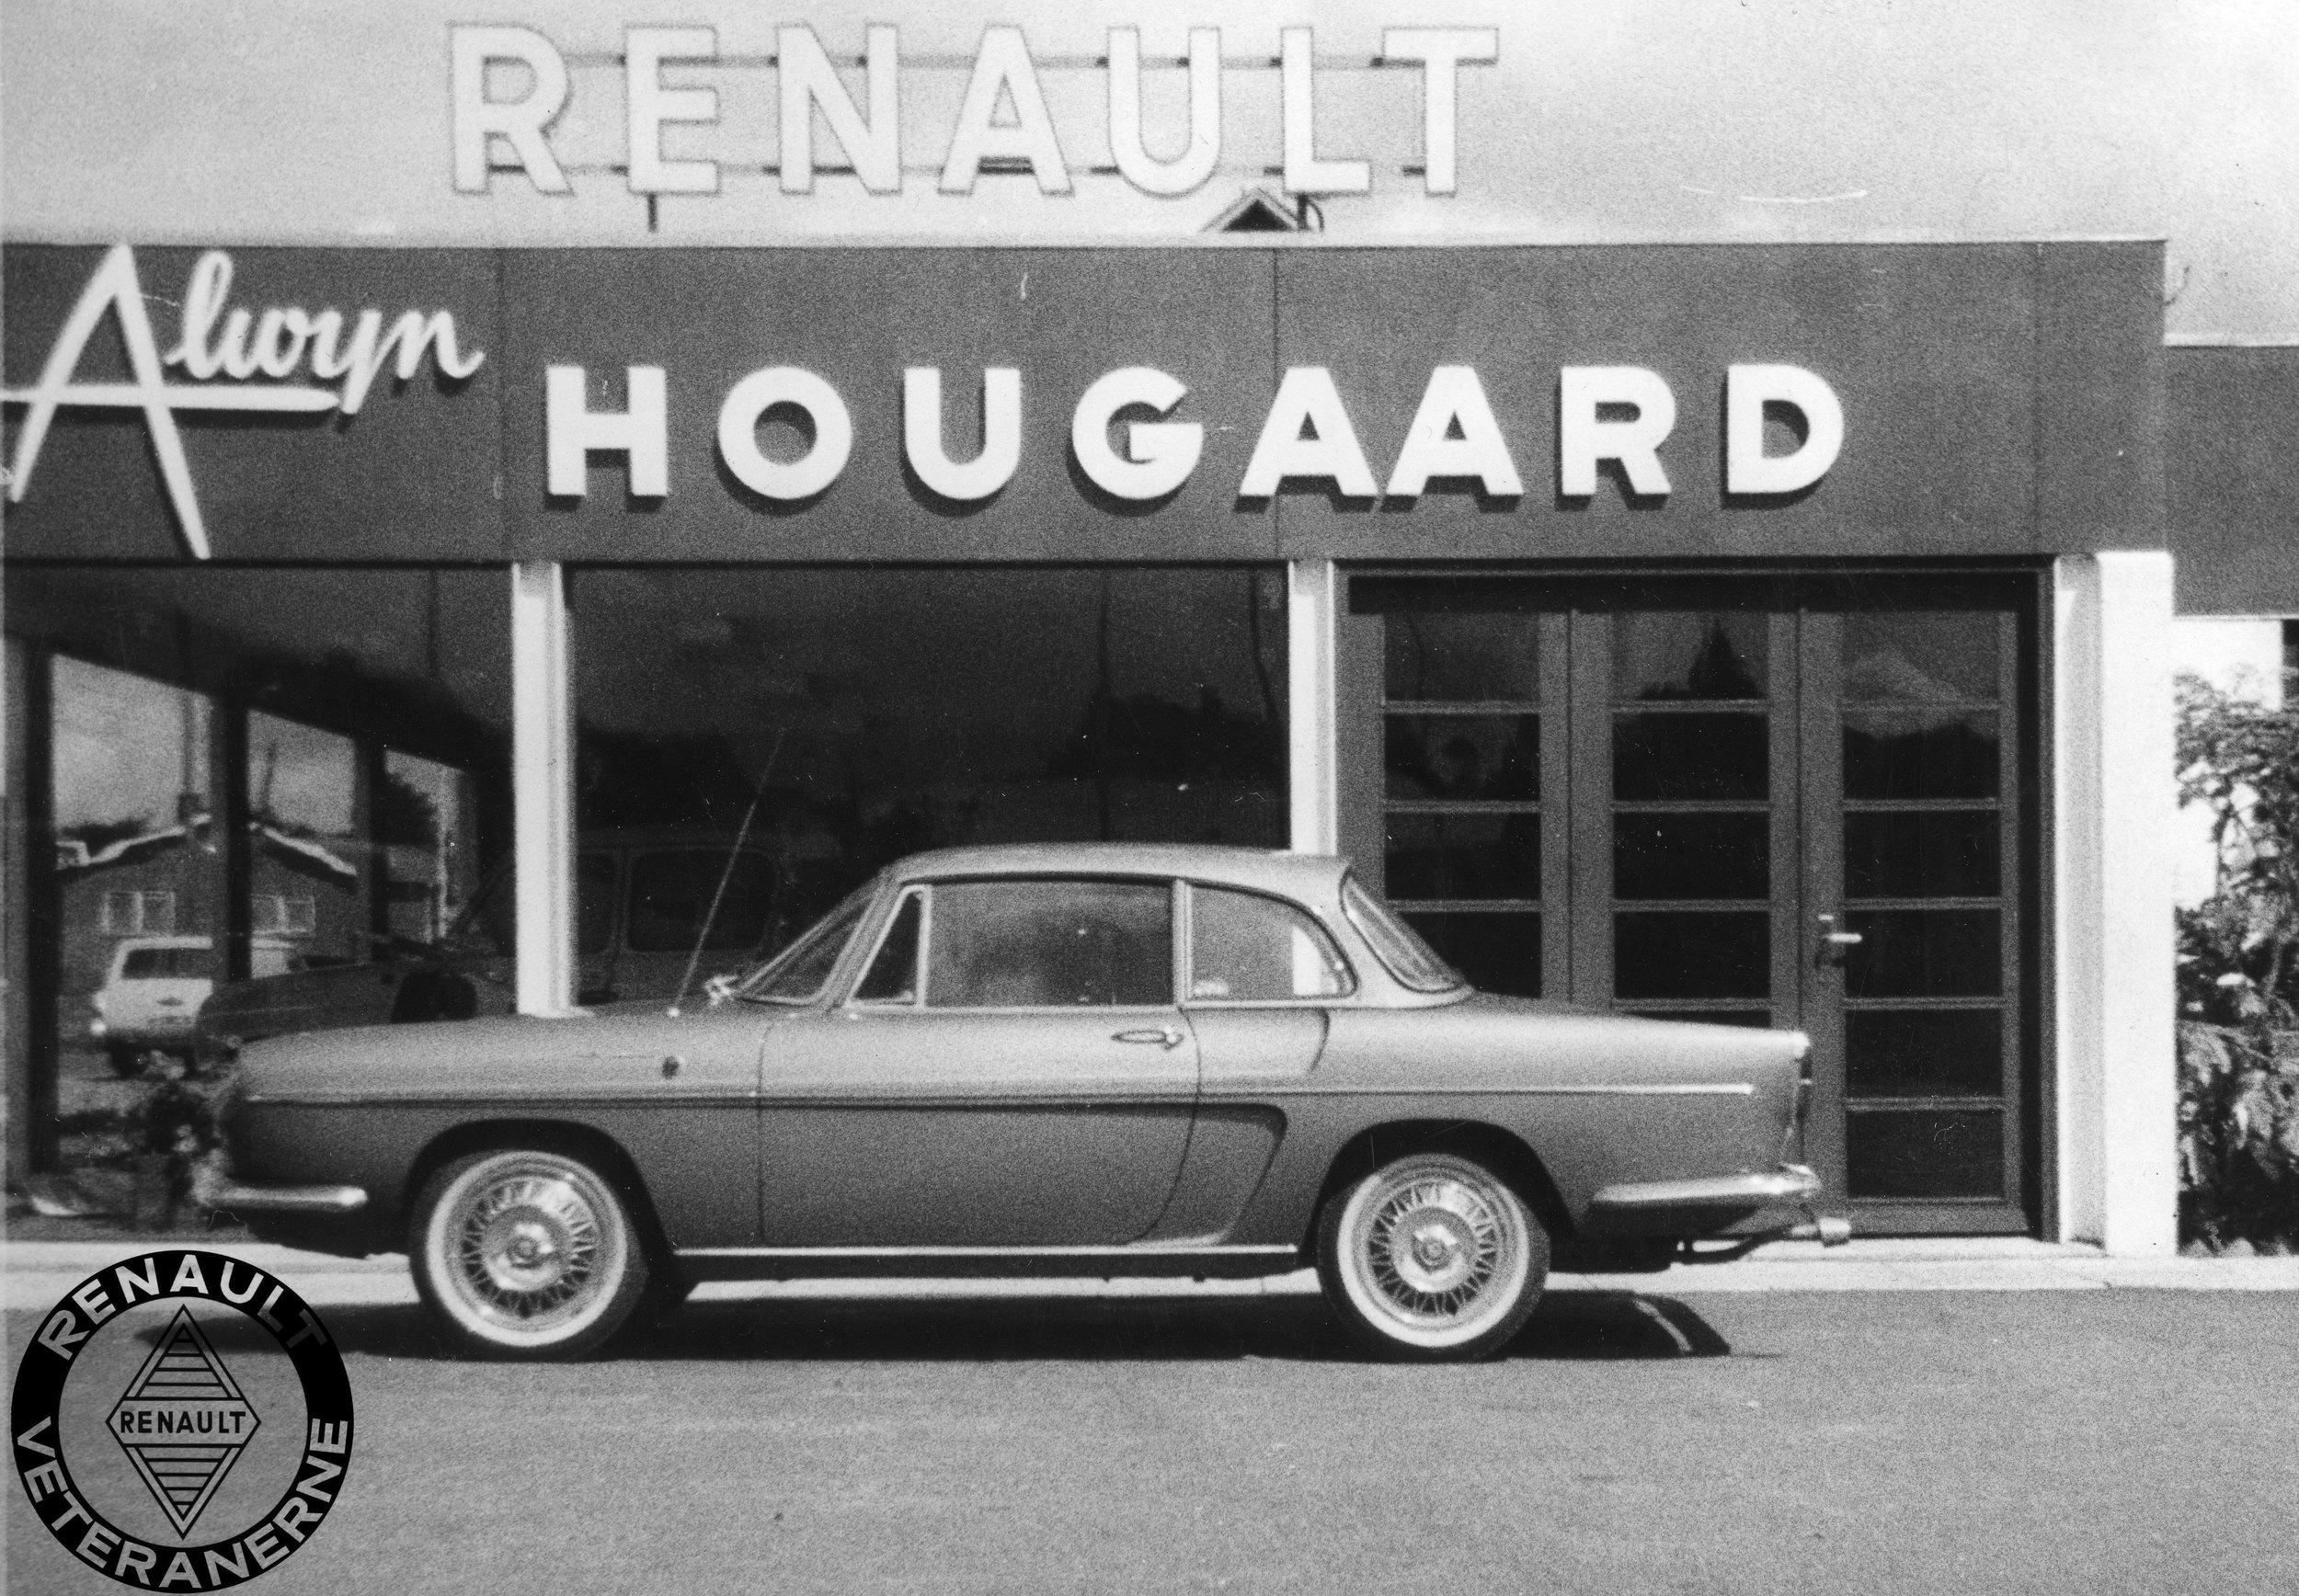 """Efter overgangsmodellen Floride S med den nye """"Sierra motor"""" fra R8 var præsenteret i 1962 ændrede Renault året efter bilens modelnavn til Caravelle på det europæiske marked. Navnet havde dog allerede været benyttet fra introduktionen i 1959 på det amerikanske marked. Den største synlige ændring var et nyt tagdesign med en mere stejl bagrude."""